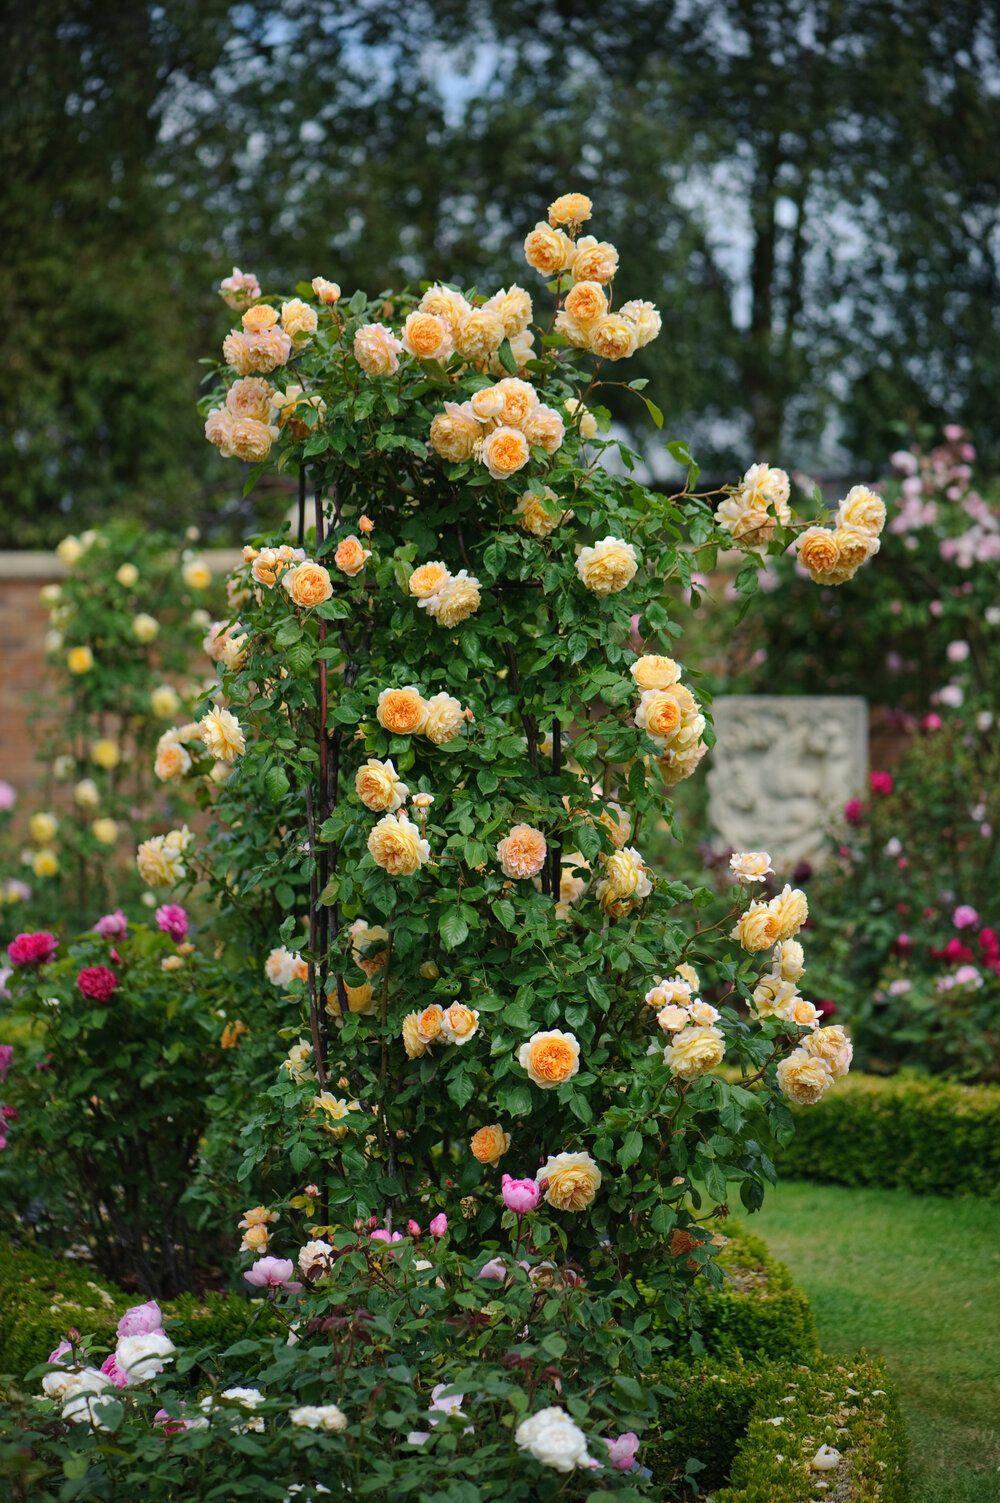 crown-princess-margareta-climbing-david-austin-english-rose